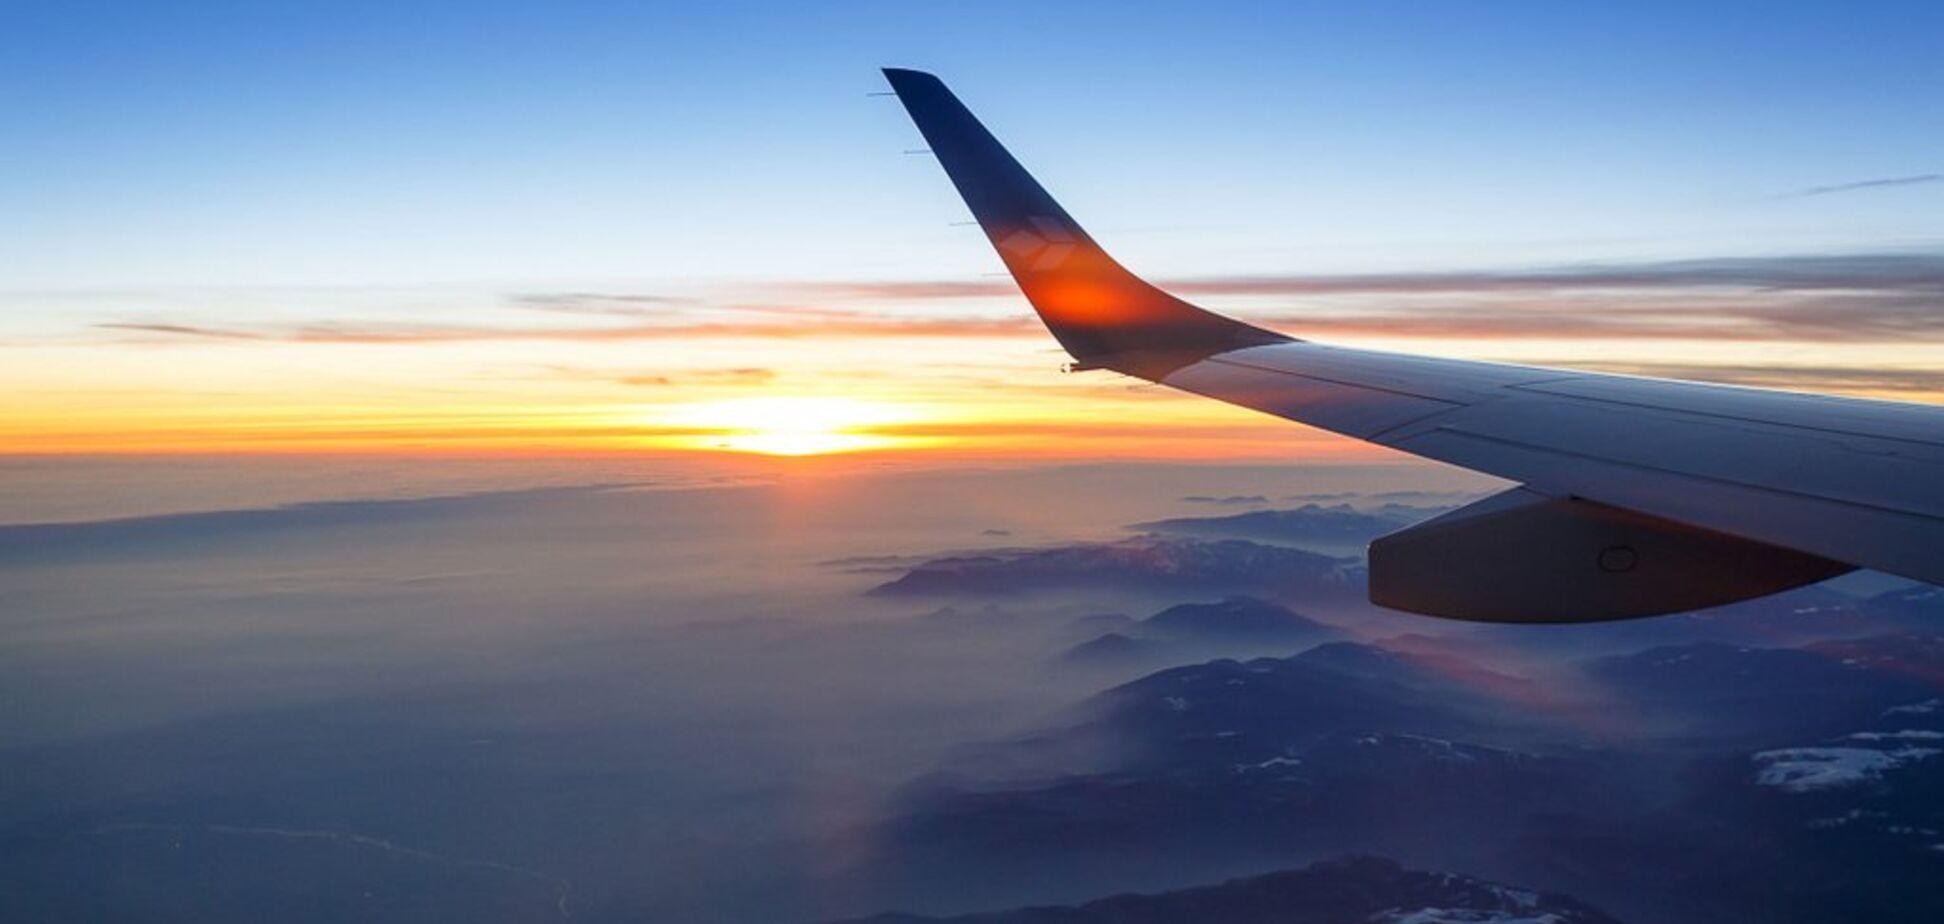 Украинцы смогут летать в Италию по 50 евро: что известно